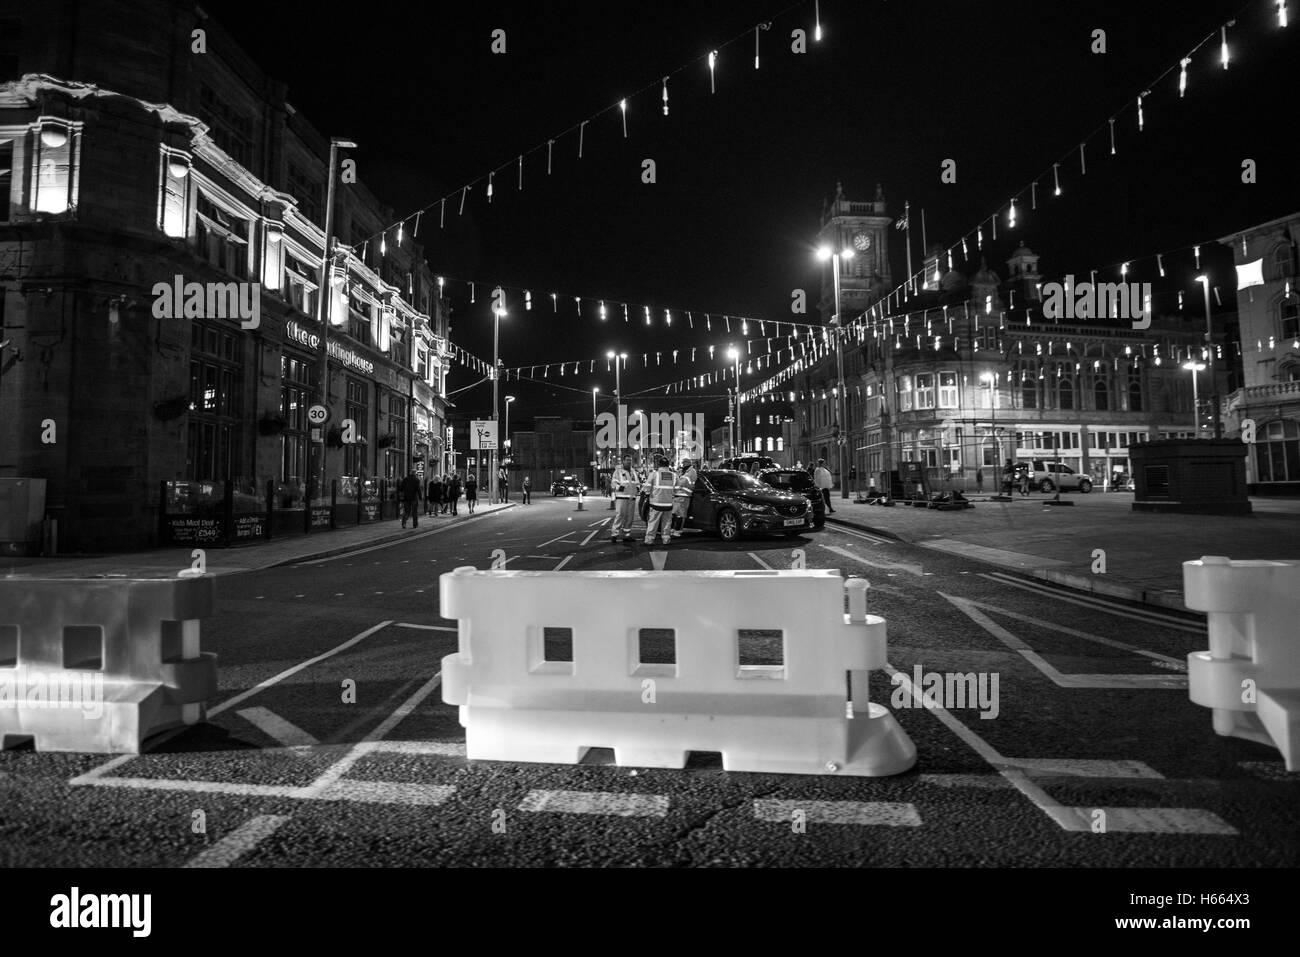 Dunkle, stimmungsvollen Abend in Blackpool, England im Herbst während der berühmten schwarzen Illuminationen sind beleuchtet Stockfoto